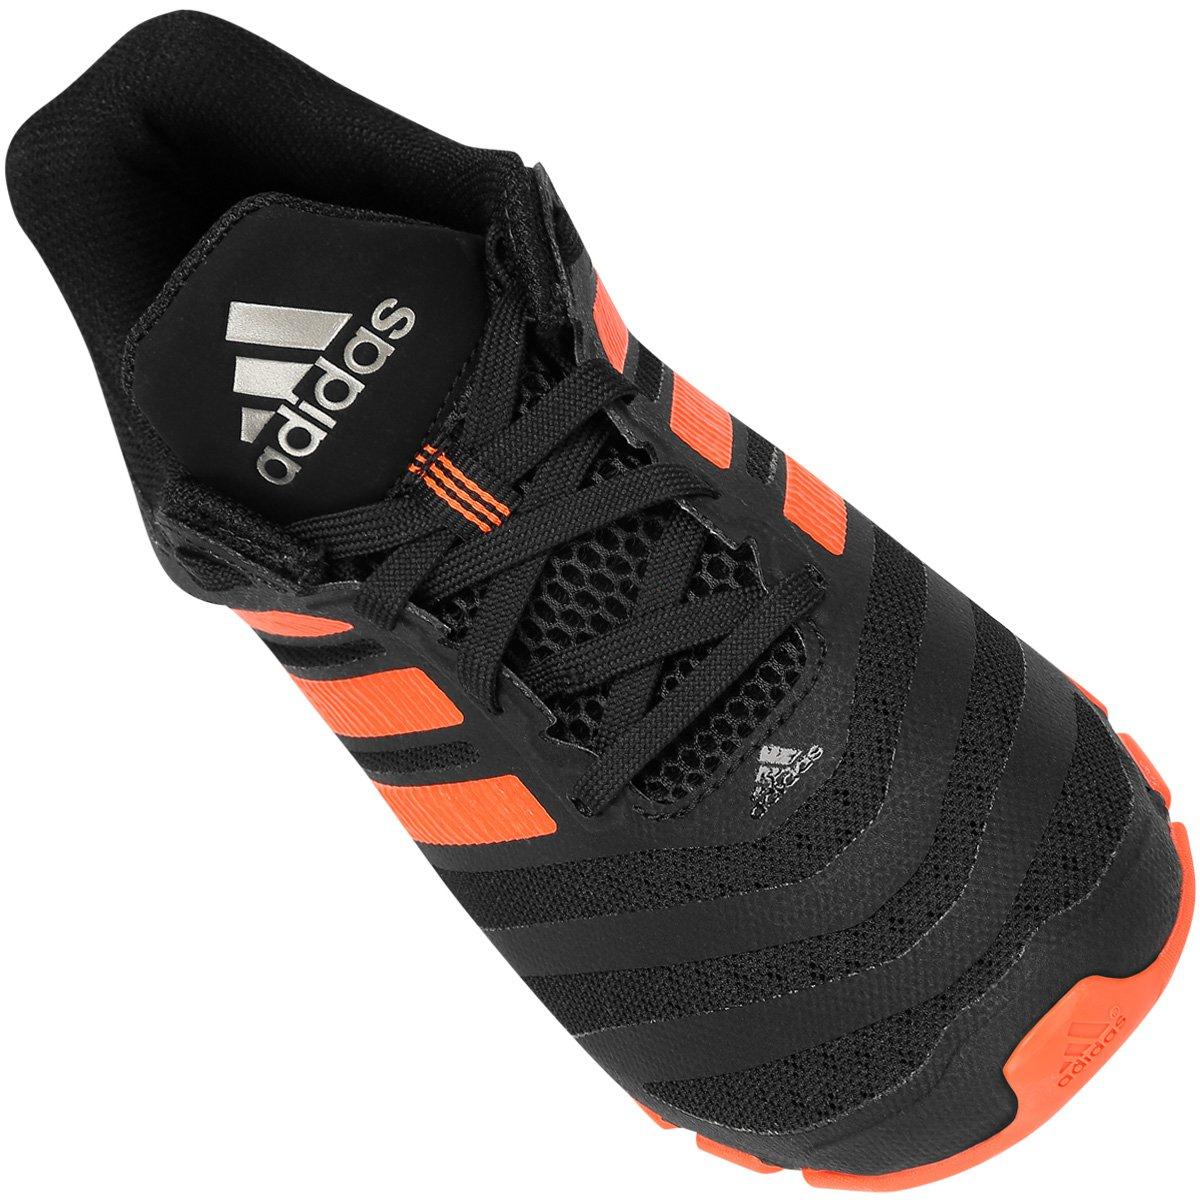 4e46d6135e6 new arrivals tenis adidas springblade 2 juvenil 65b75 1fa88